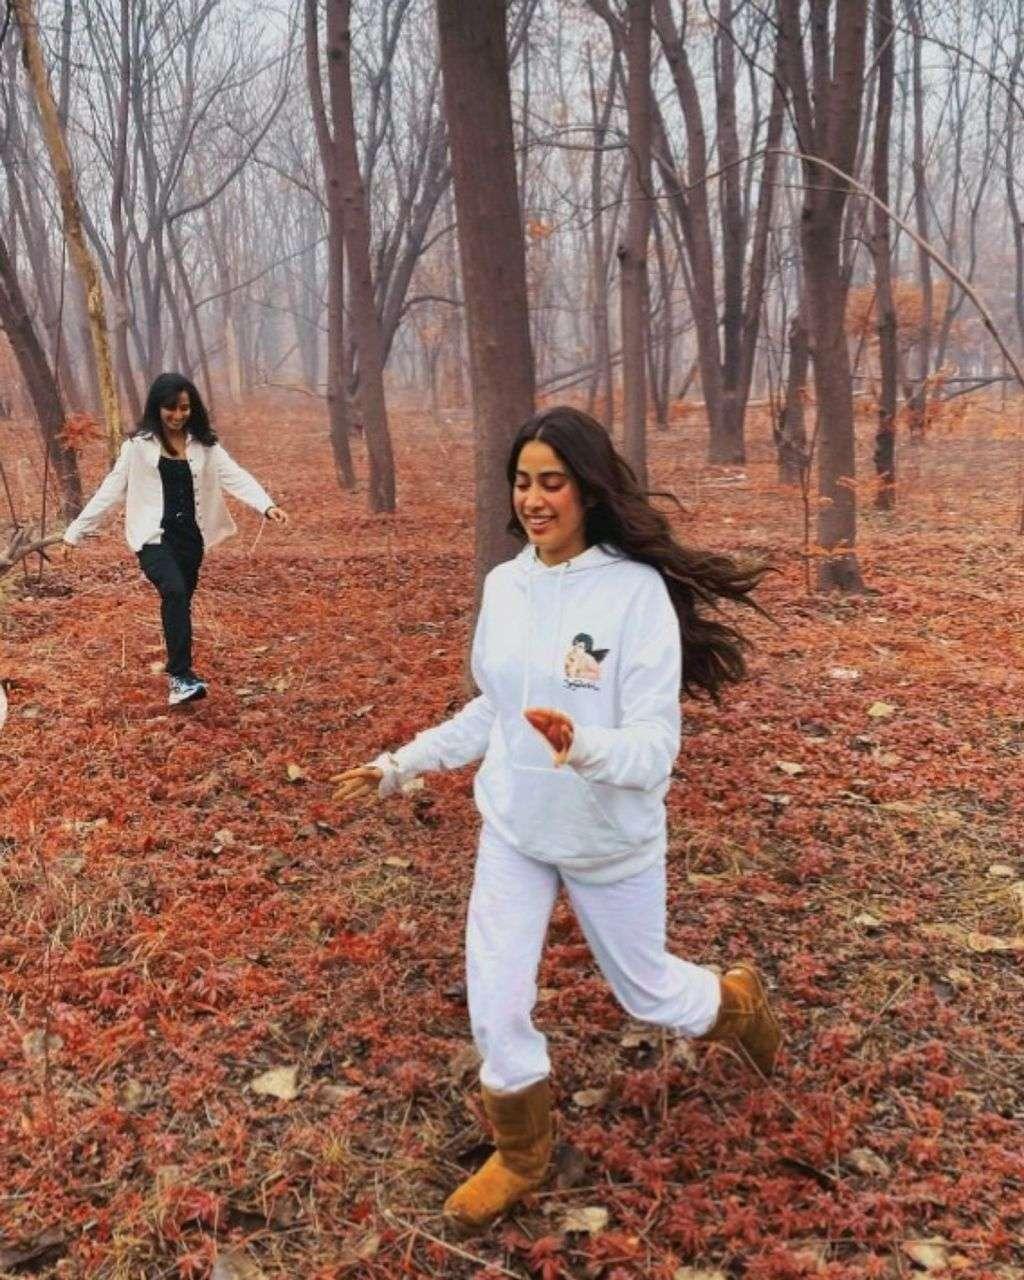 जाह्नवी कपूर ठंड में ले रही पंजाब के मौसम का लुत्फ, जंगल में नजर आई यह अदा